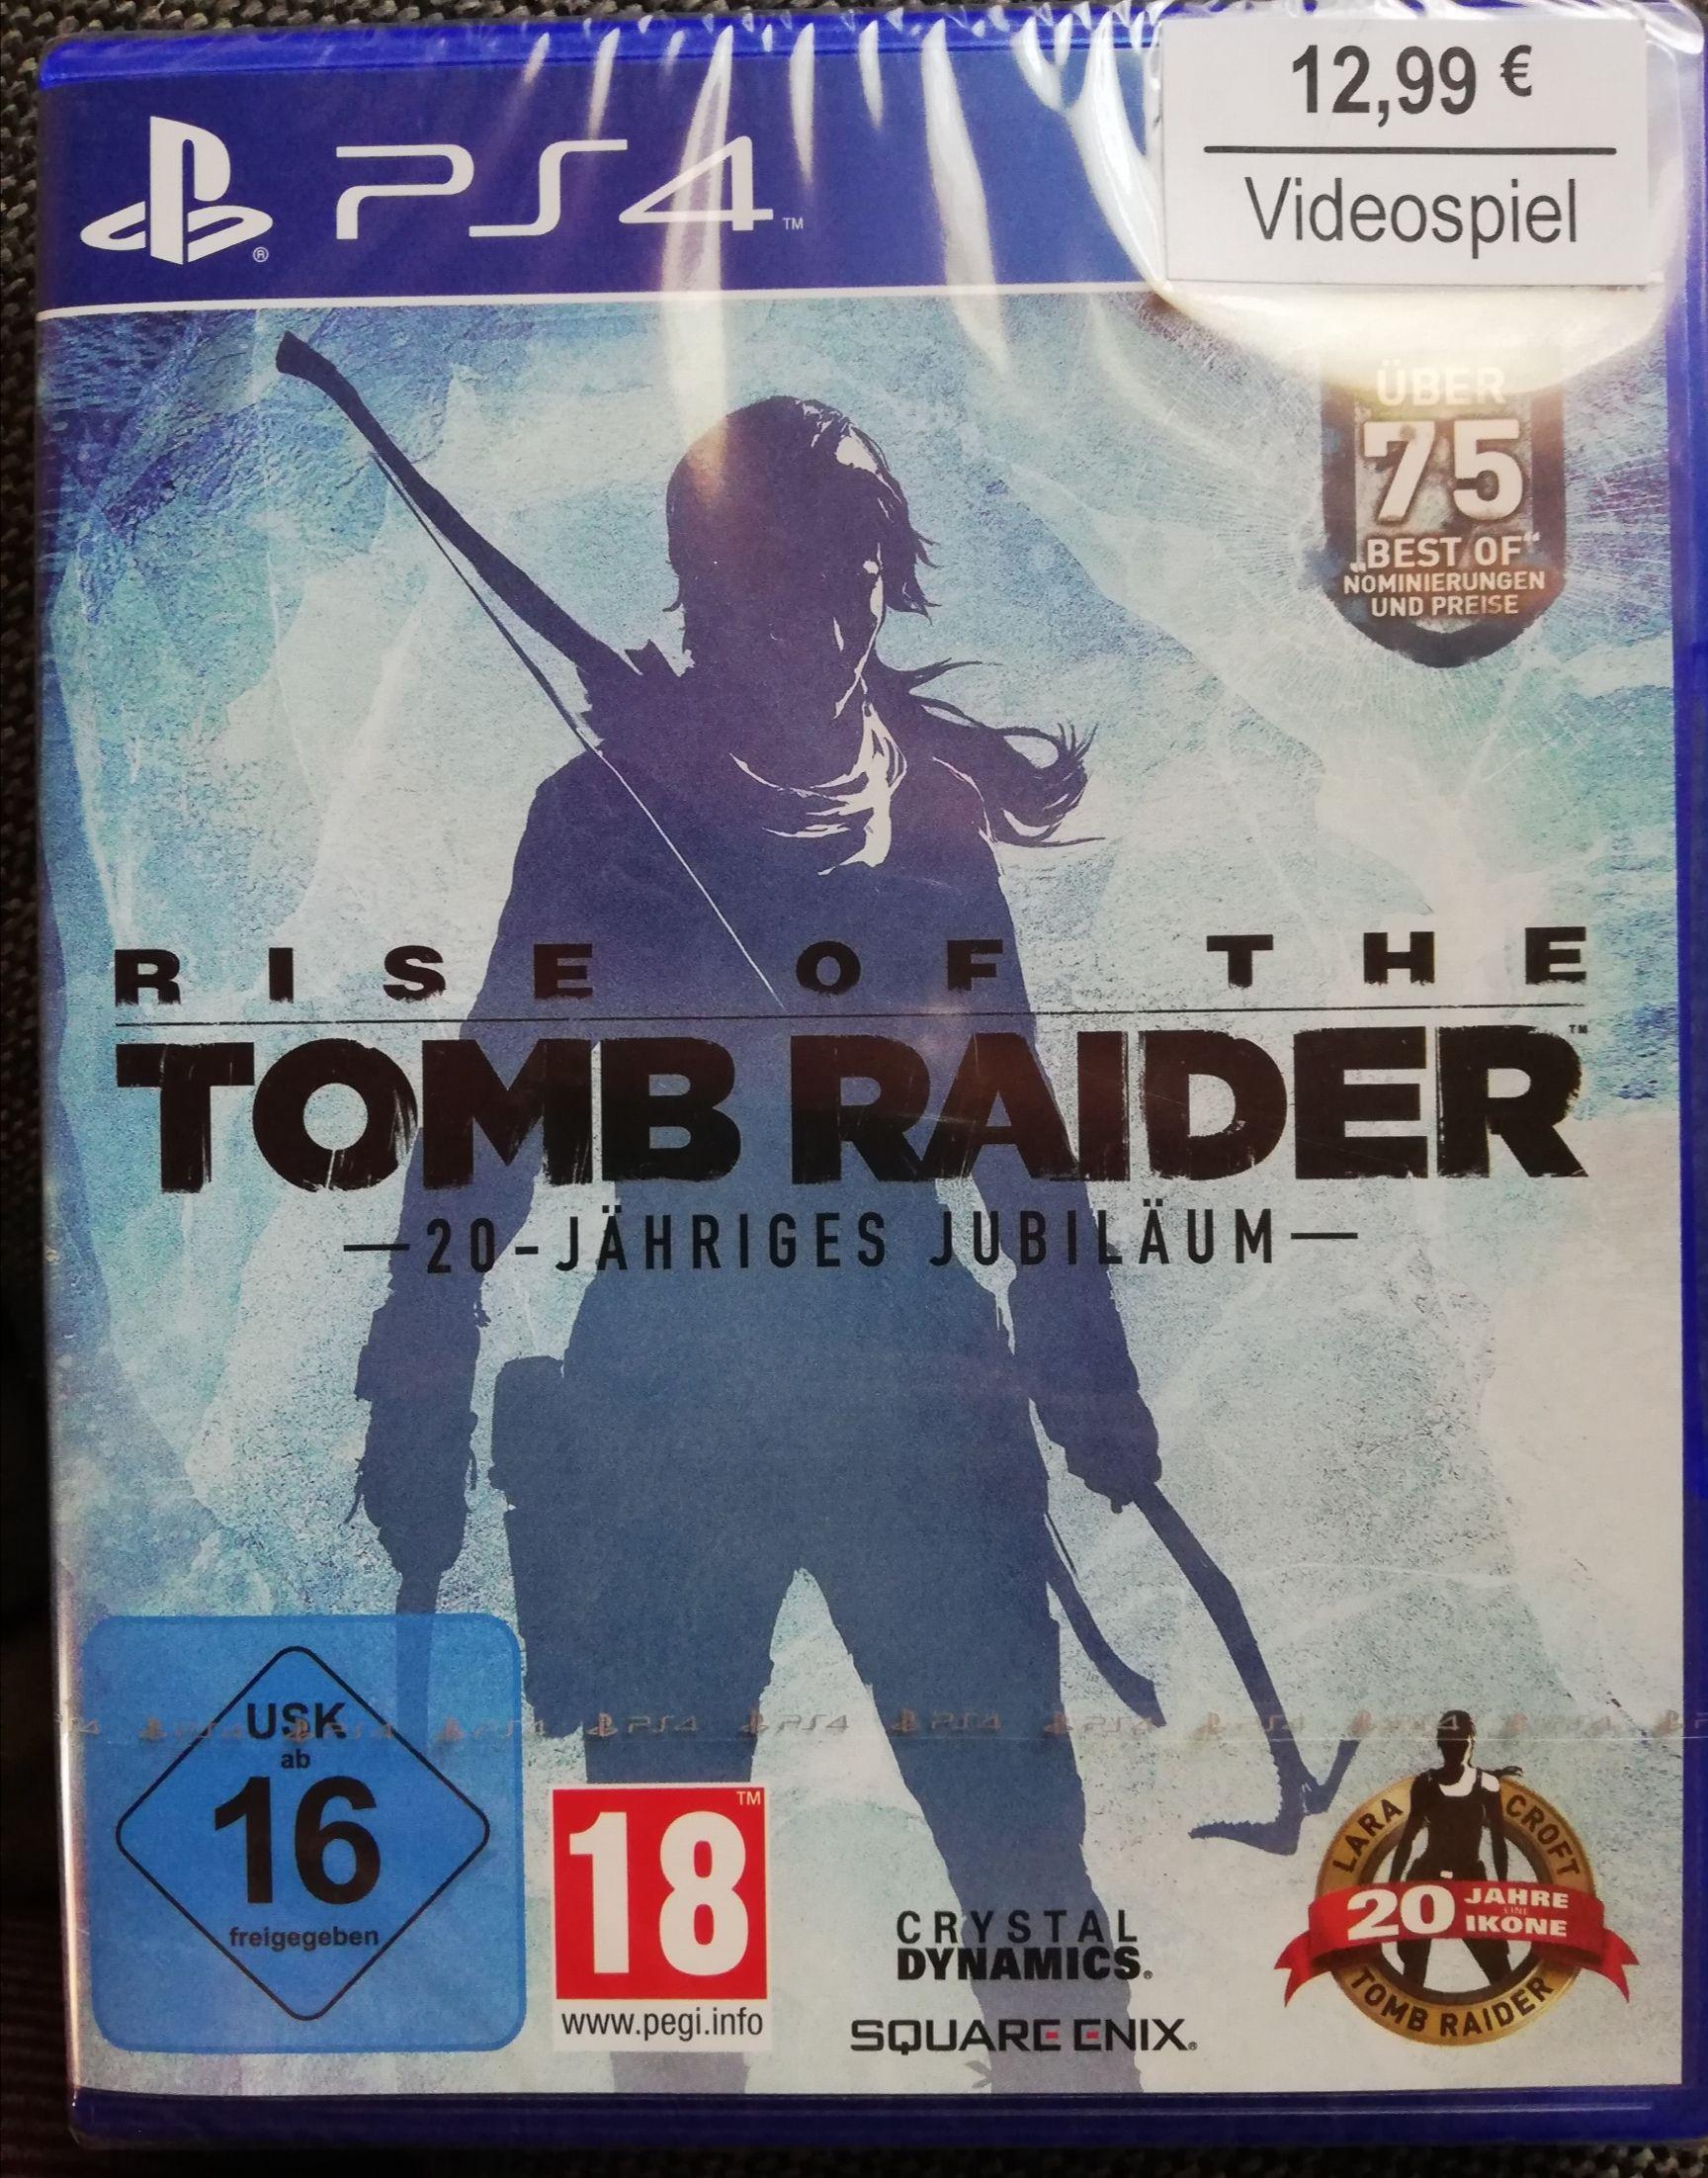 Rise of the Tomb Raider 20-Jähriges Jubiläum - Standard Edition PS4 - Nur Abholung!